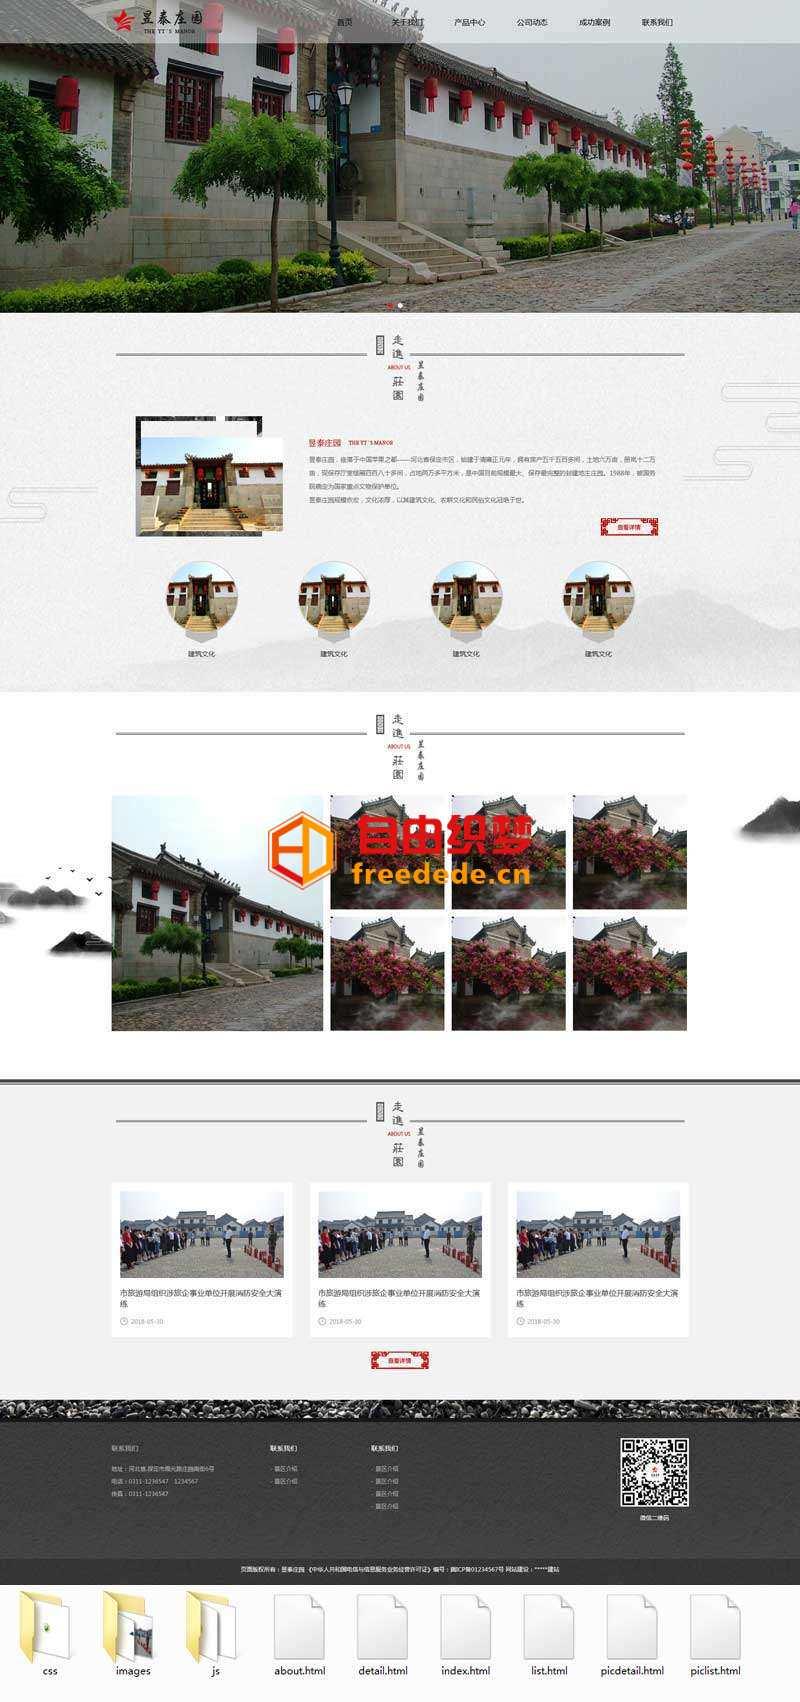 爱上源码网文章中国风古典庄园官方网站模板的内容插图